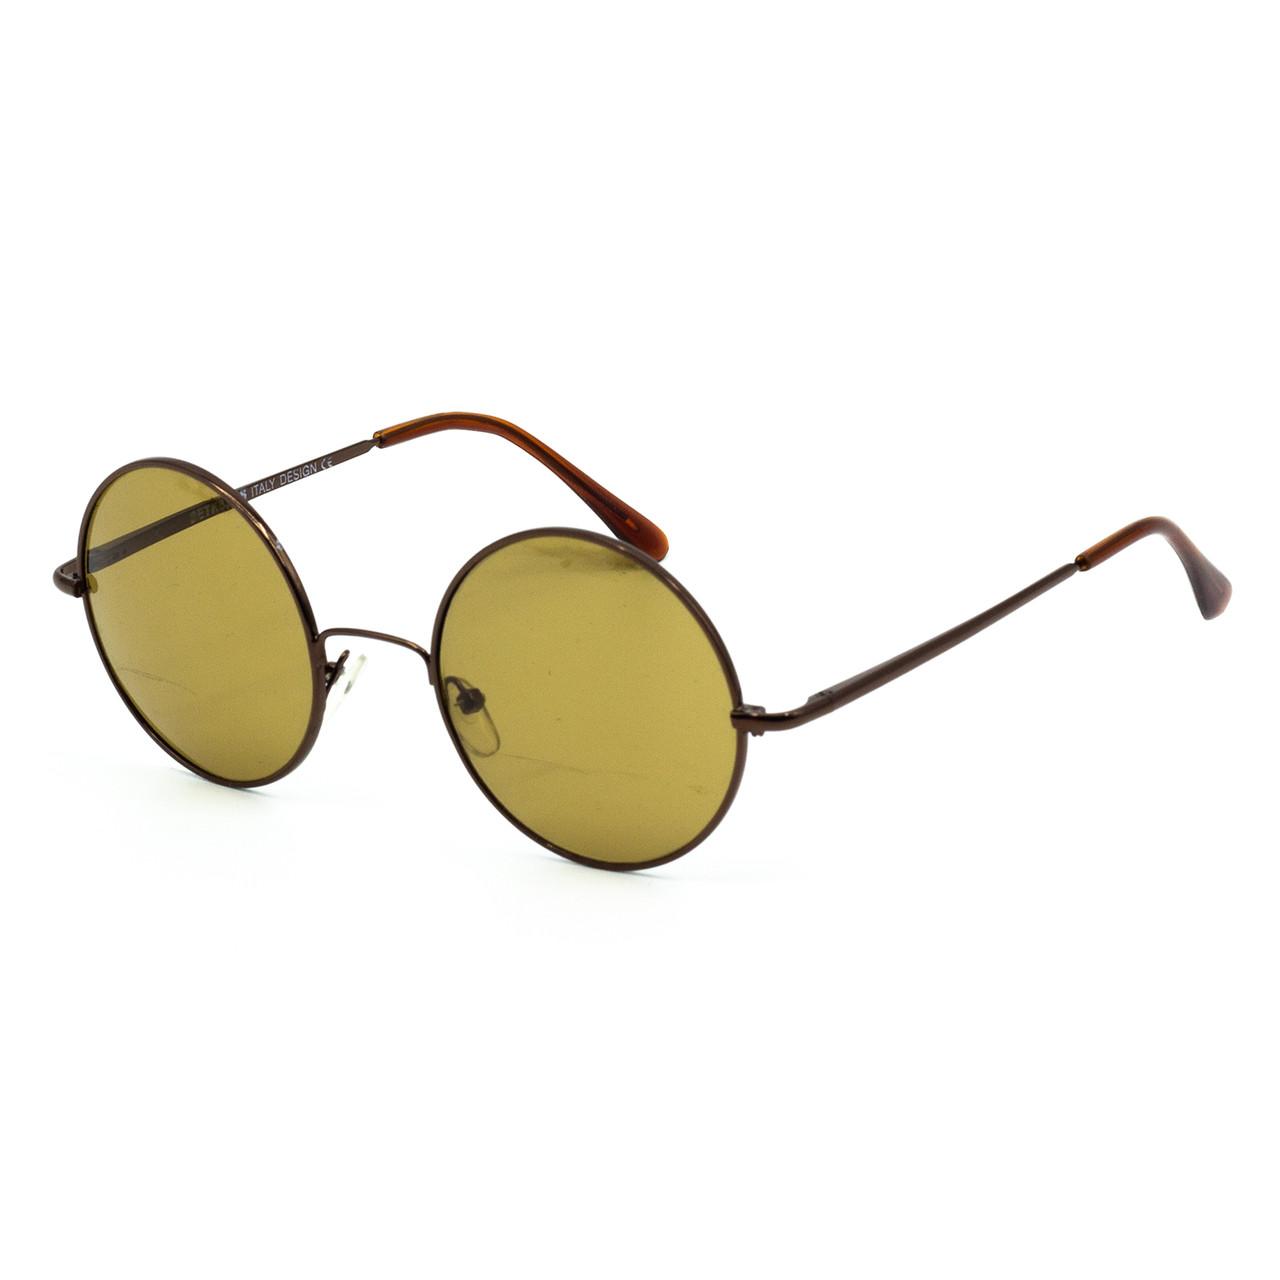 Солнцезащитные очки Marmilen 1203 C1 коричневые ( LE1203-01 )